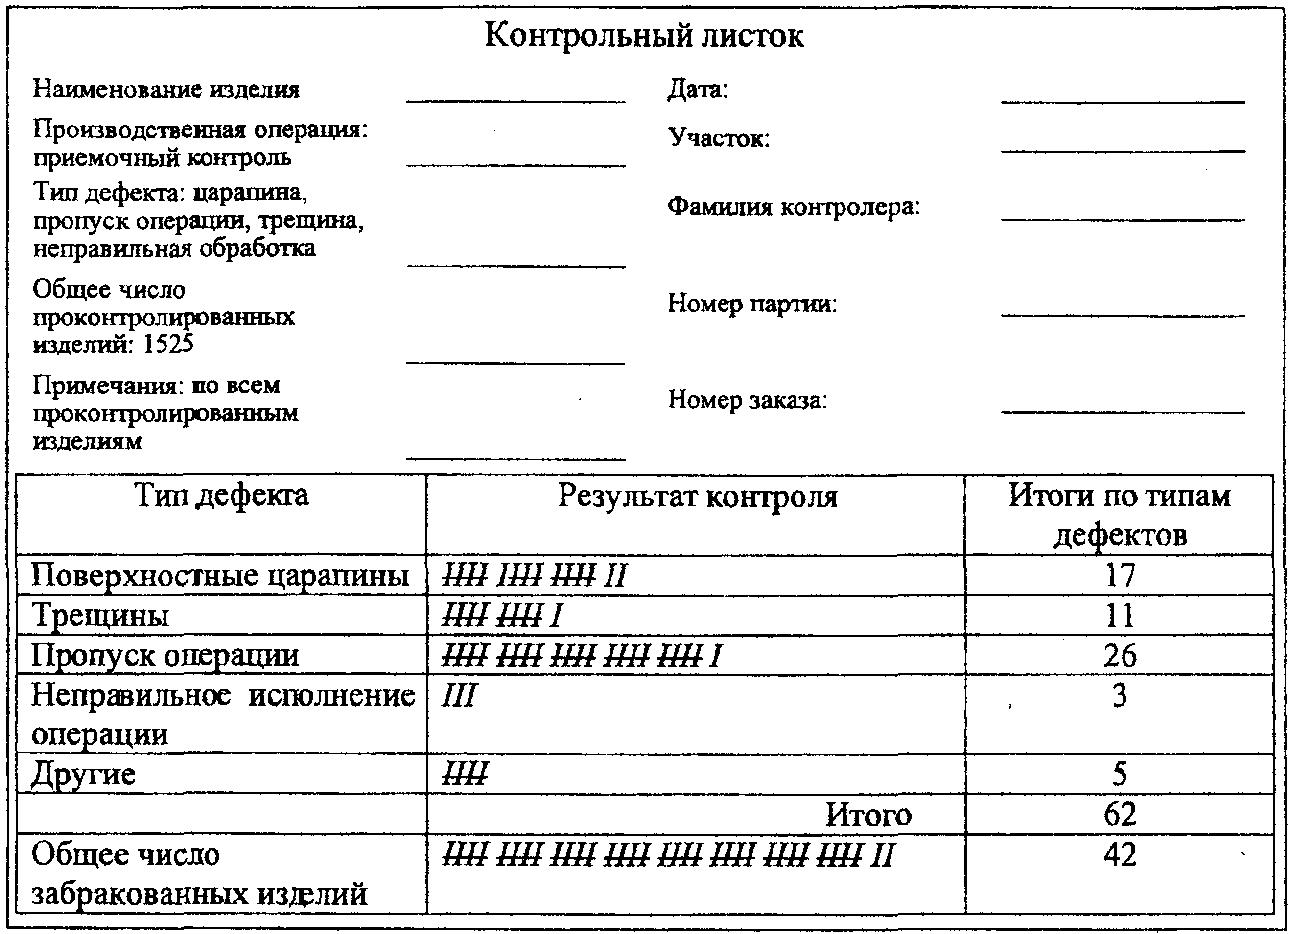 Контрольные листки 2 показан контрольный листок используемый в процессе приемочного контроля одной штампованной детали Всякий раз когда контролер обнаруживает дефект